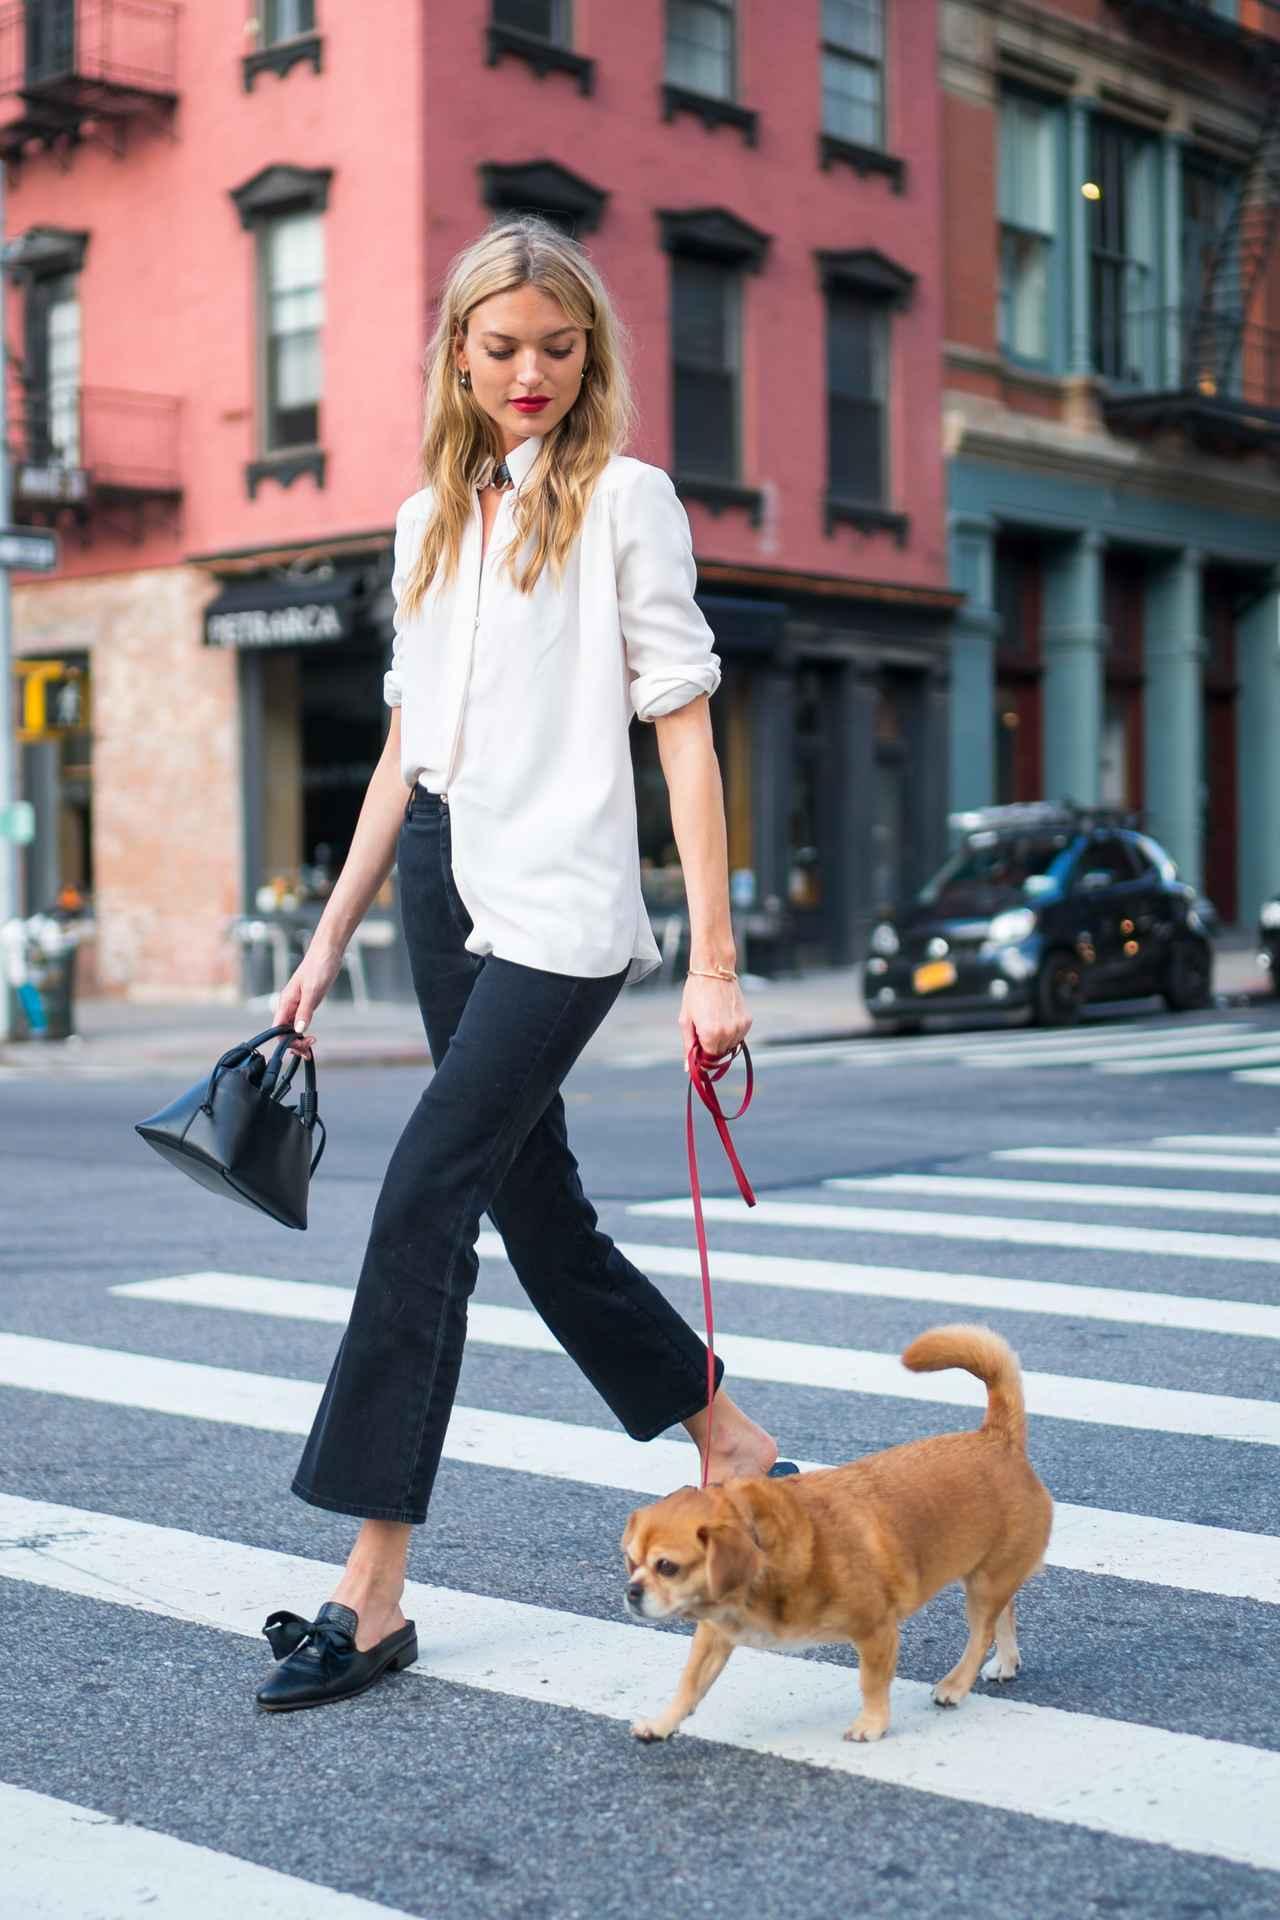 画像3: 人気モデルのマーサ・ハント